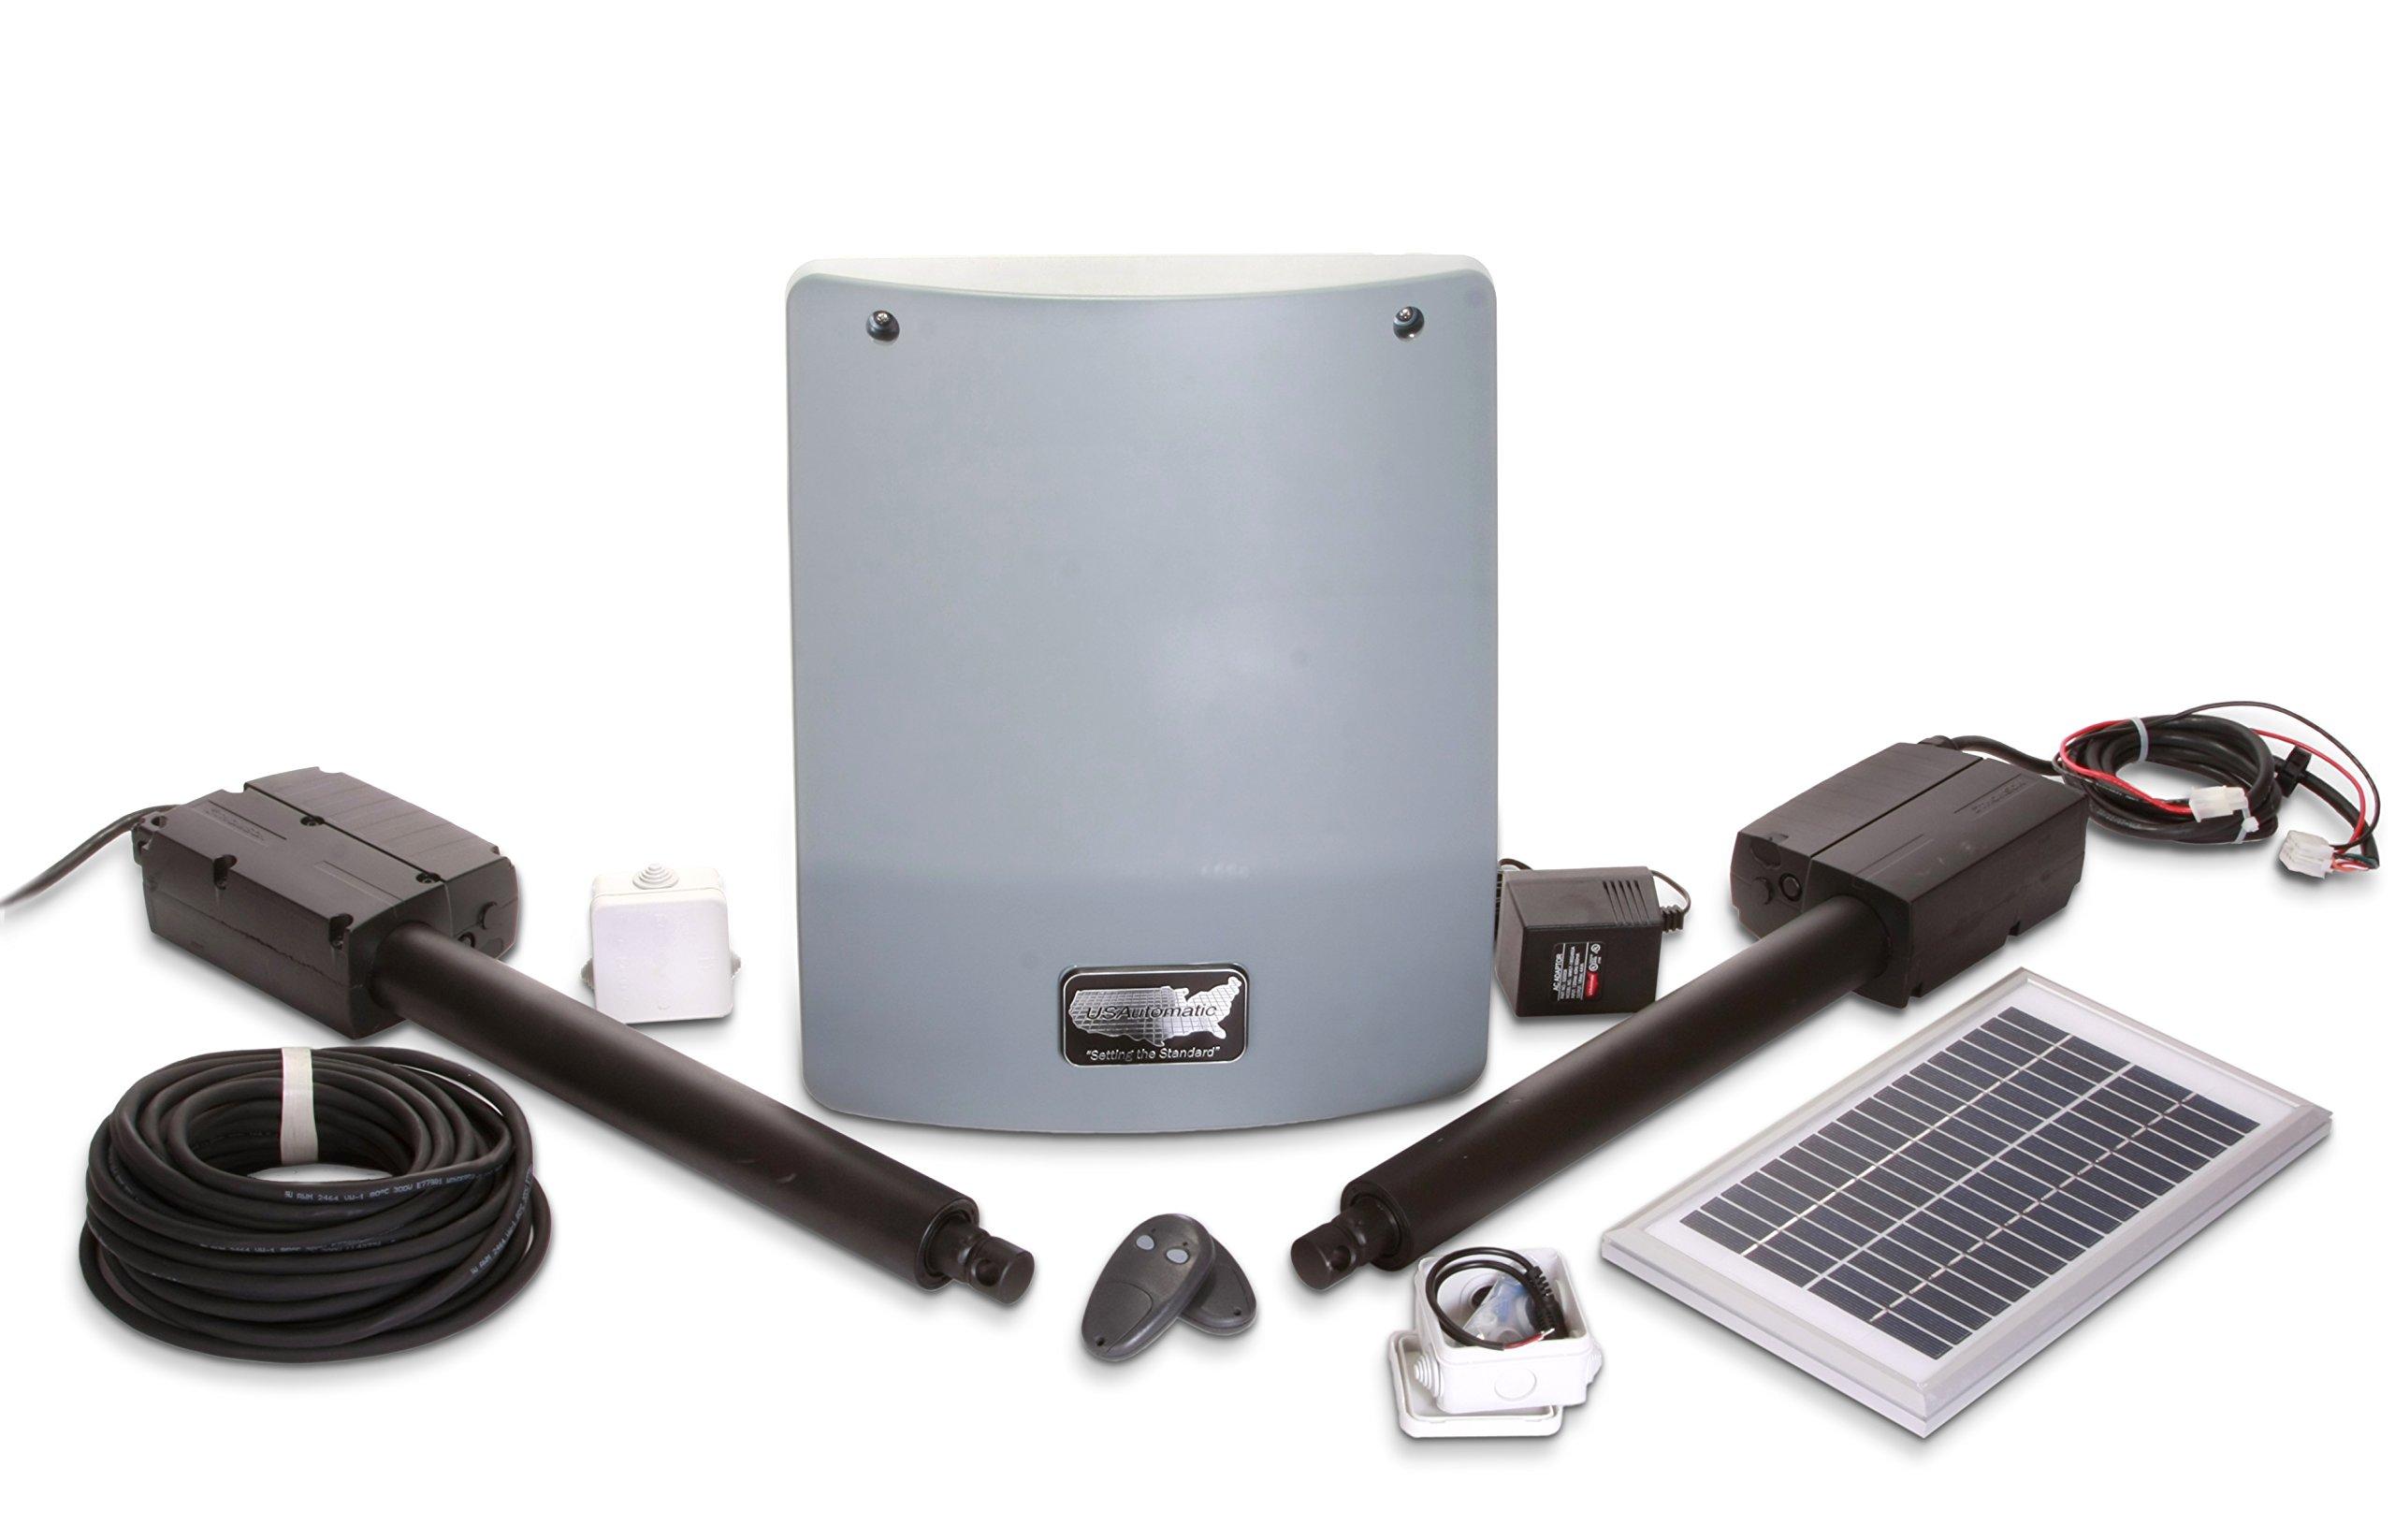 USAutomatic 020335 Medium 300 Solar Charged Automatic Gate Opener Double Gate Basic Kit